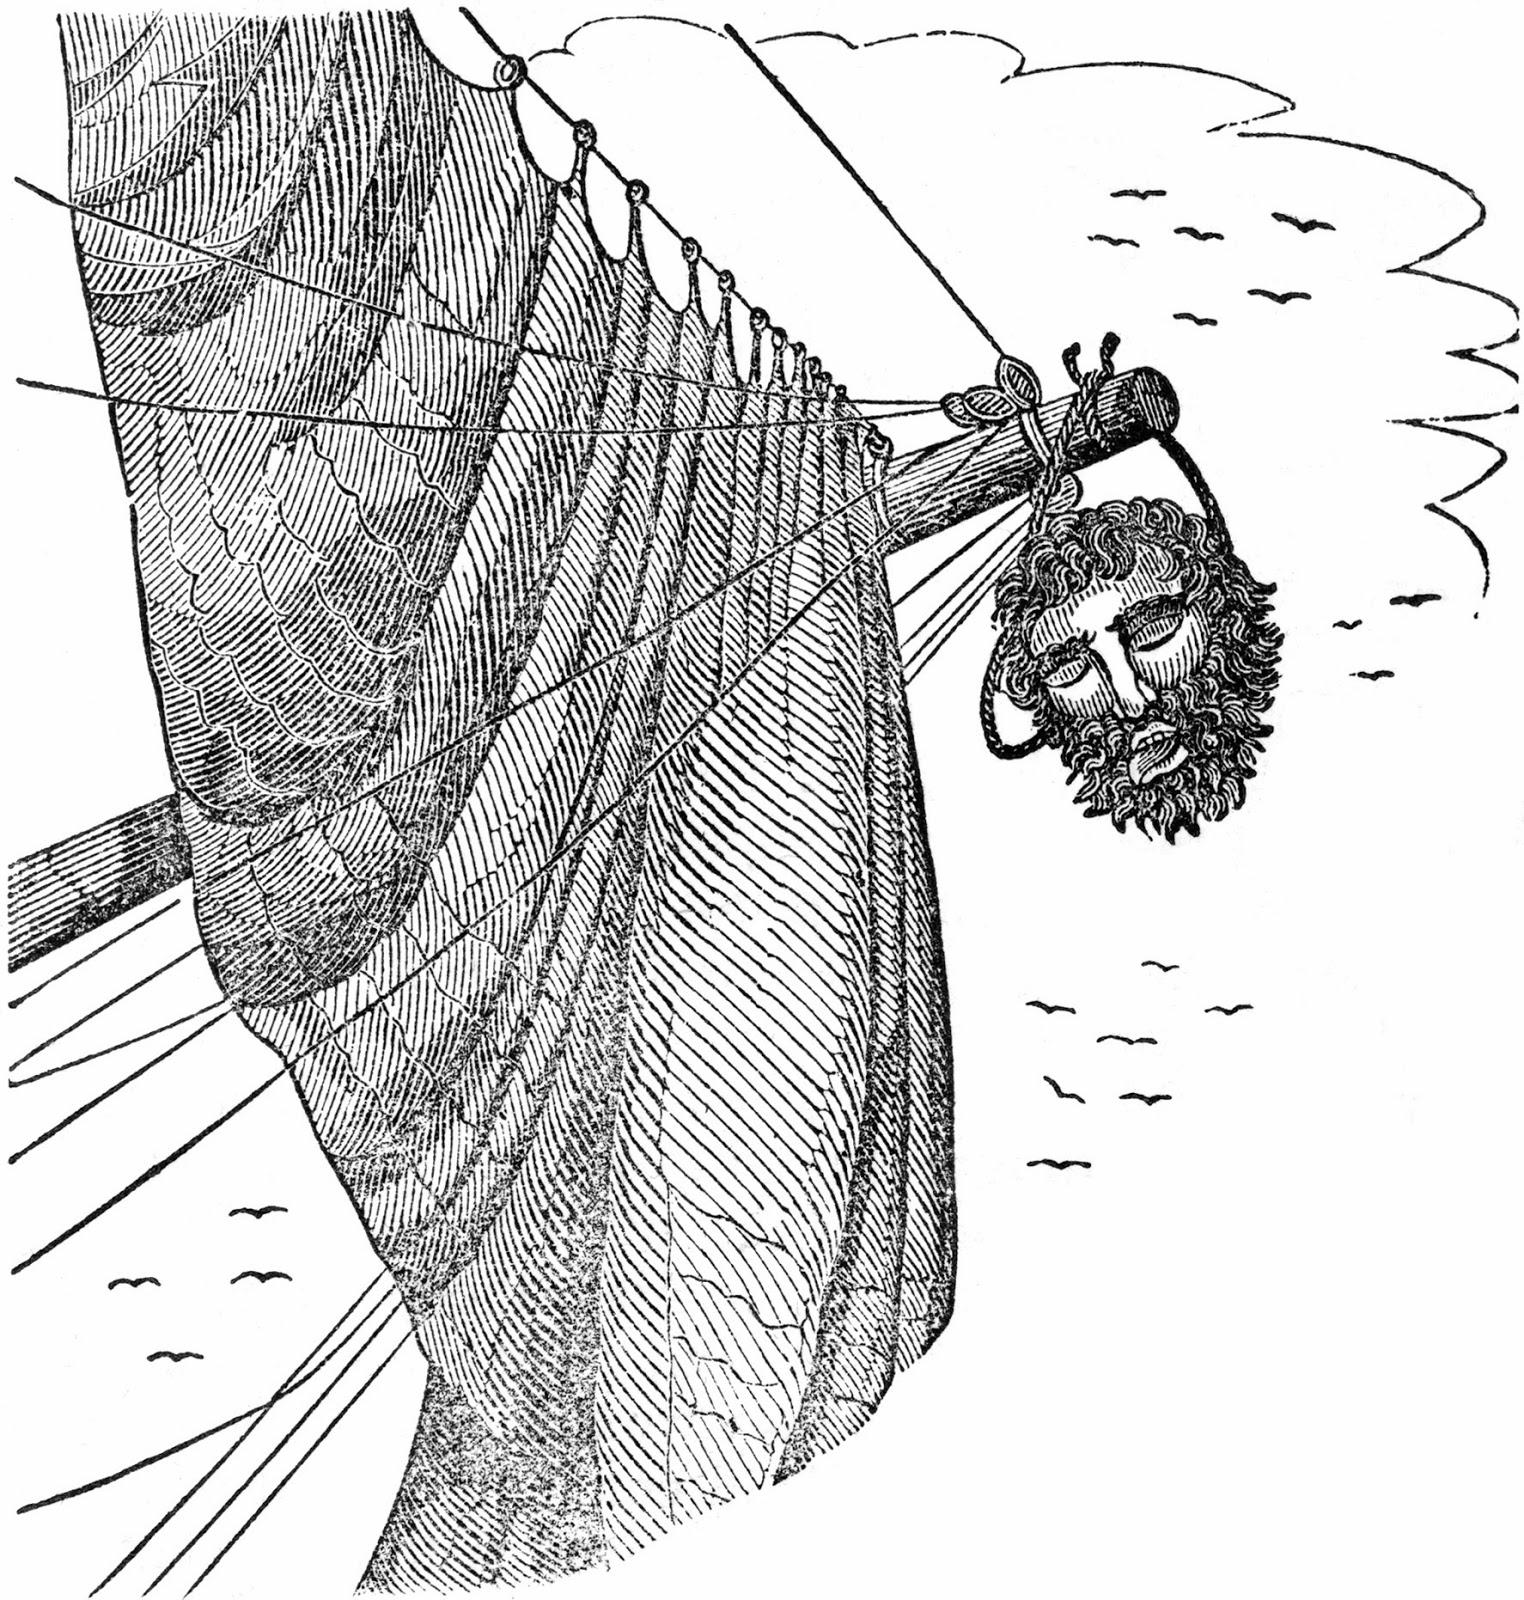 Blackbeard's Head